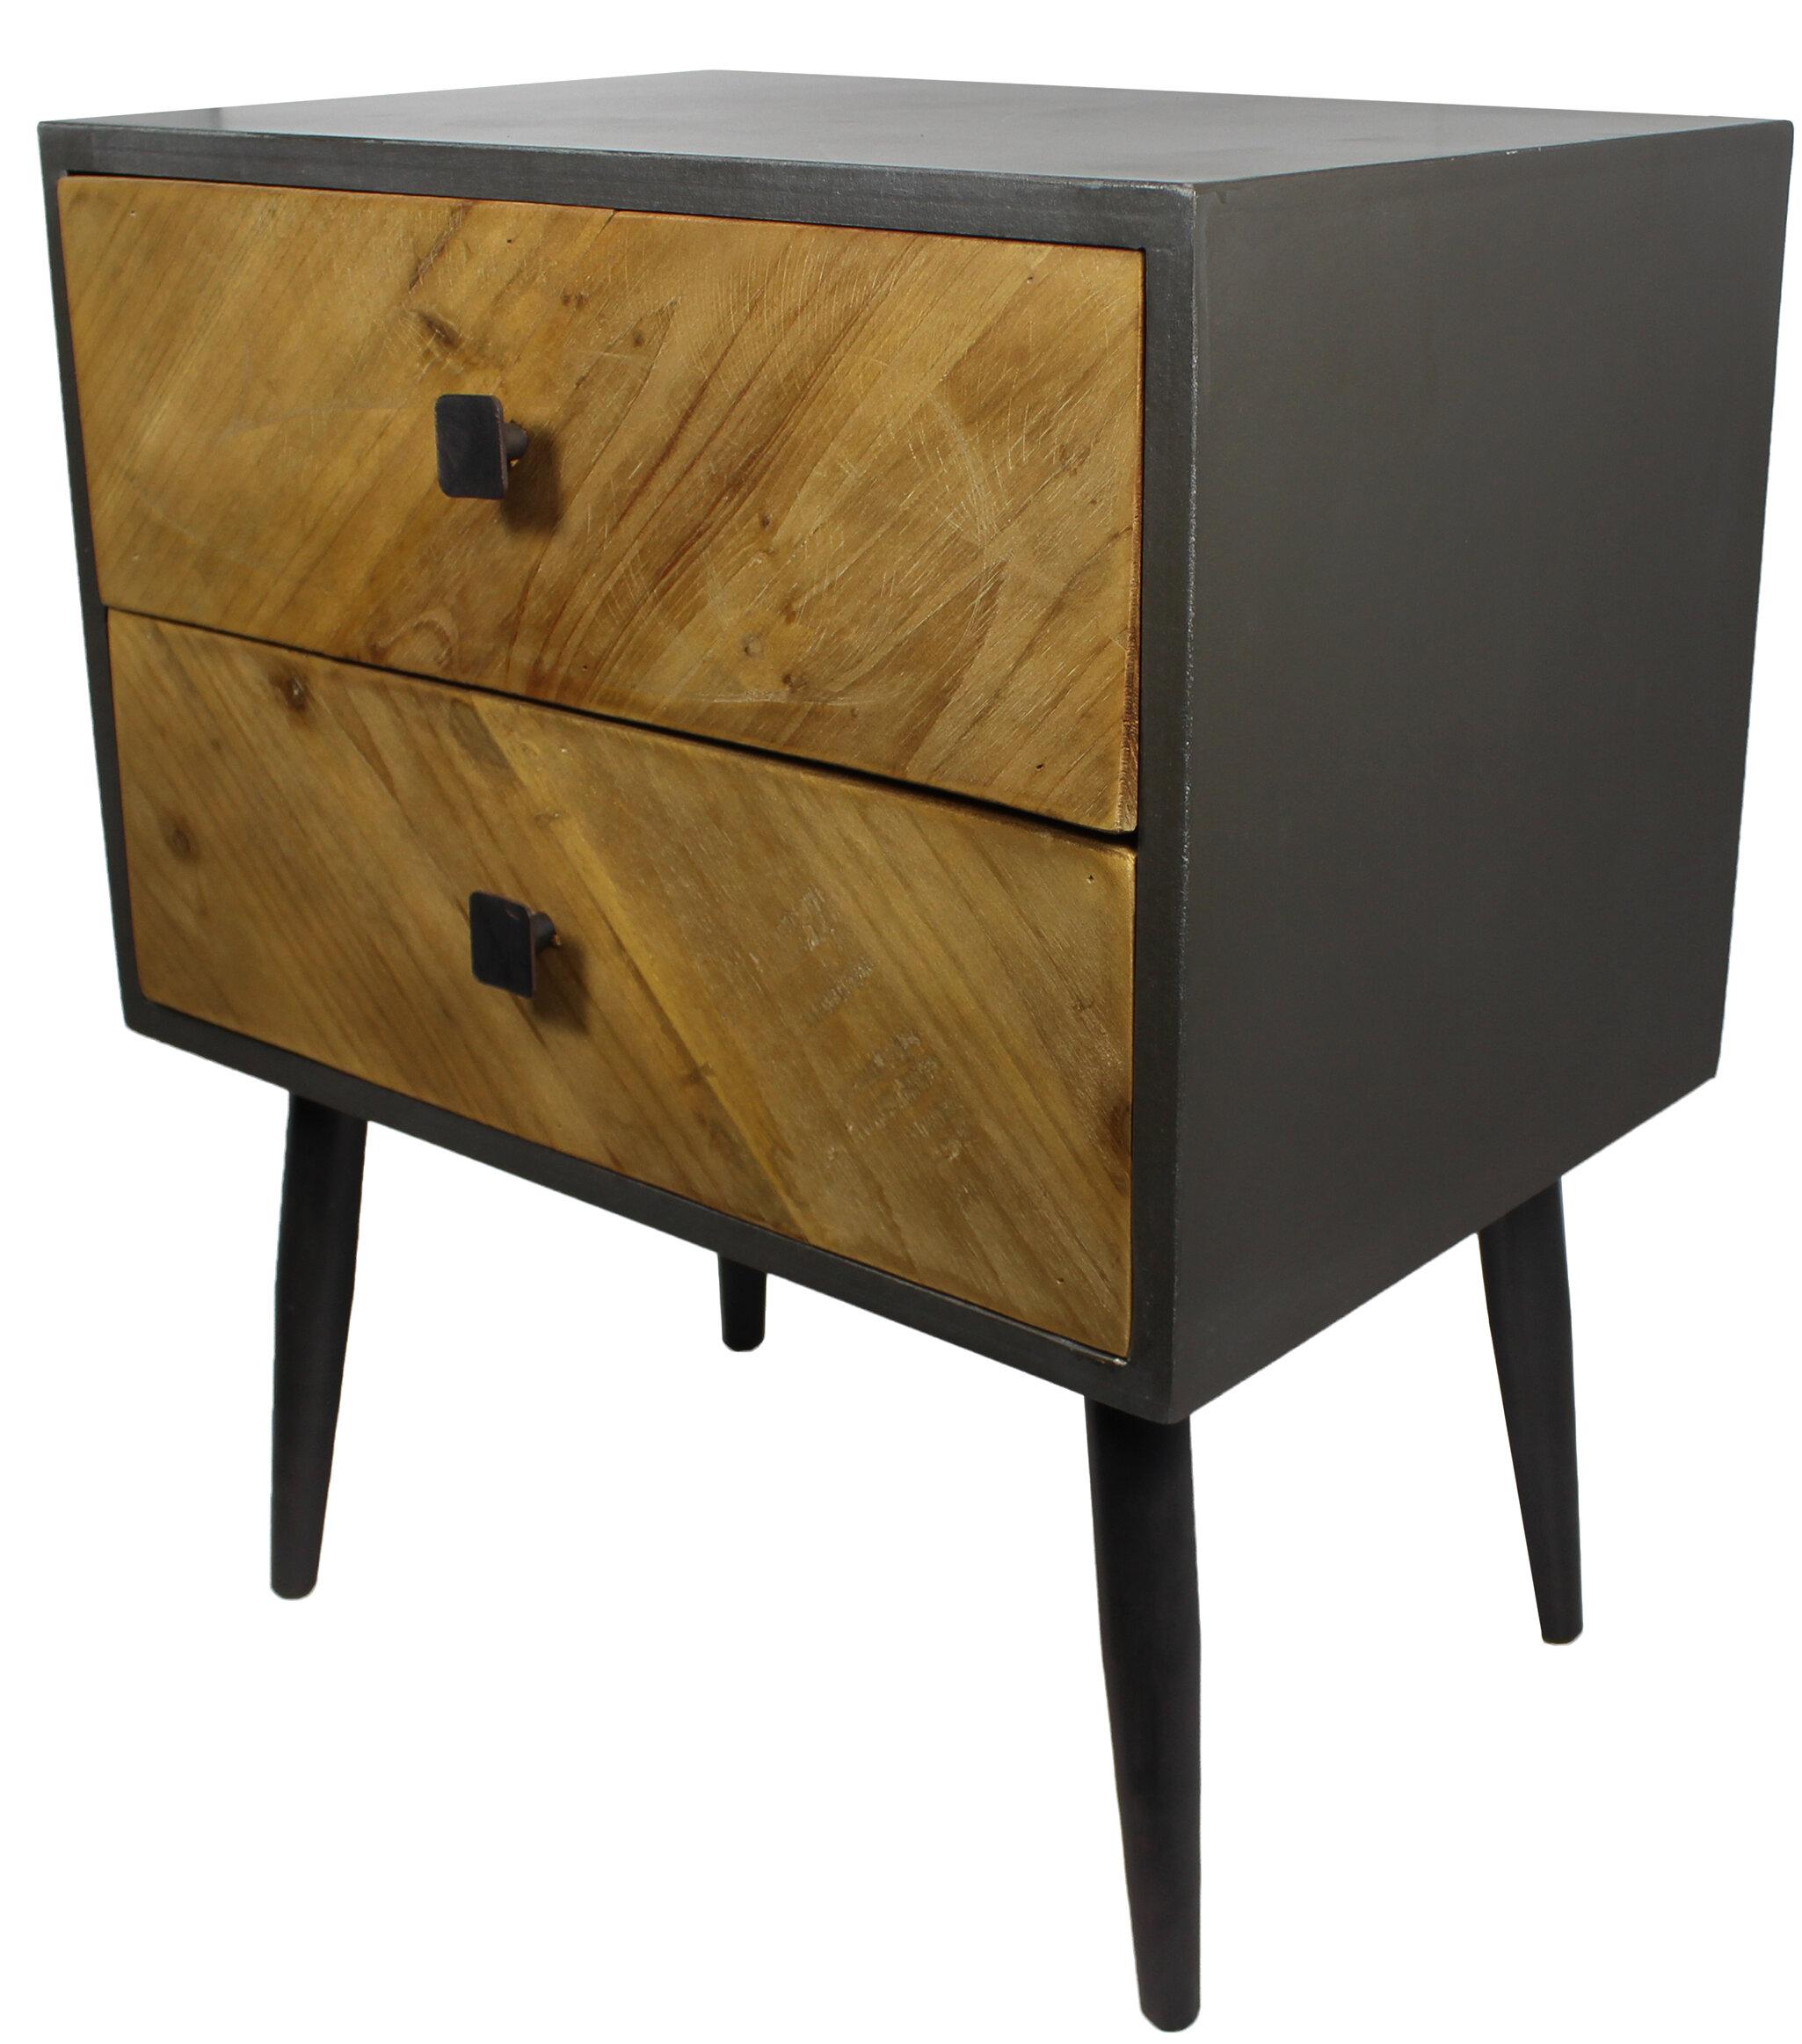 Reid Rustic Wood 2 Drawer Nightstand